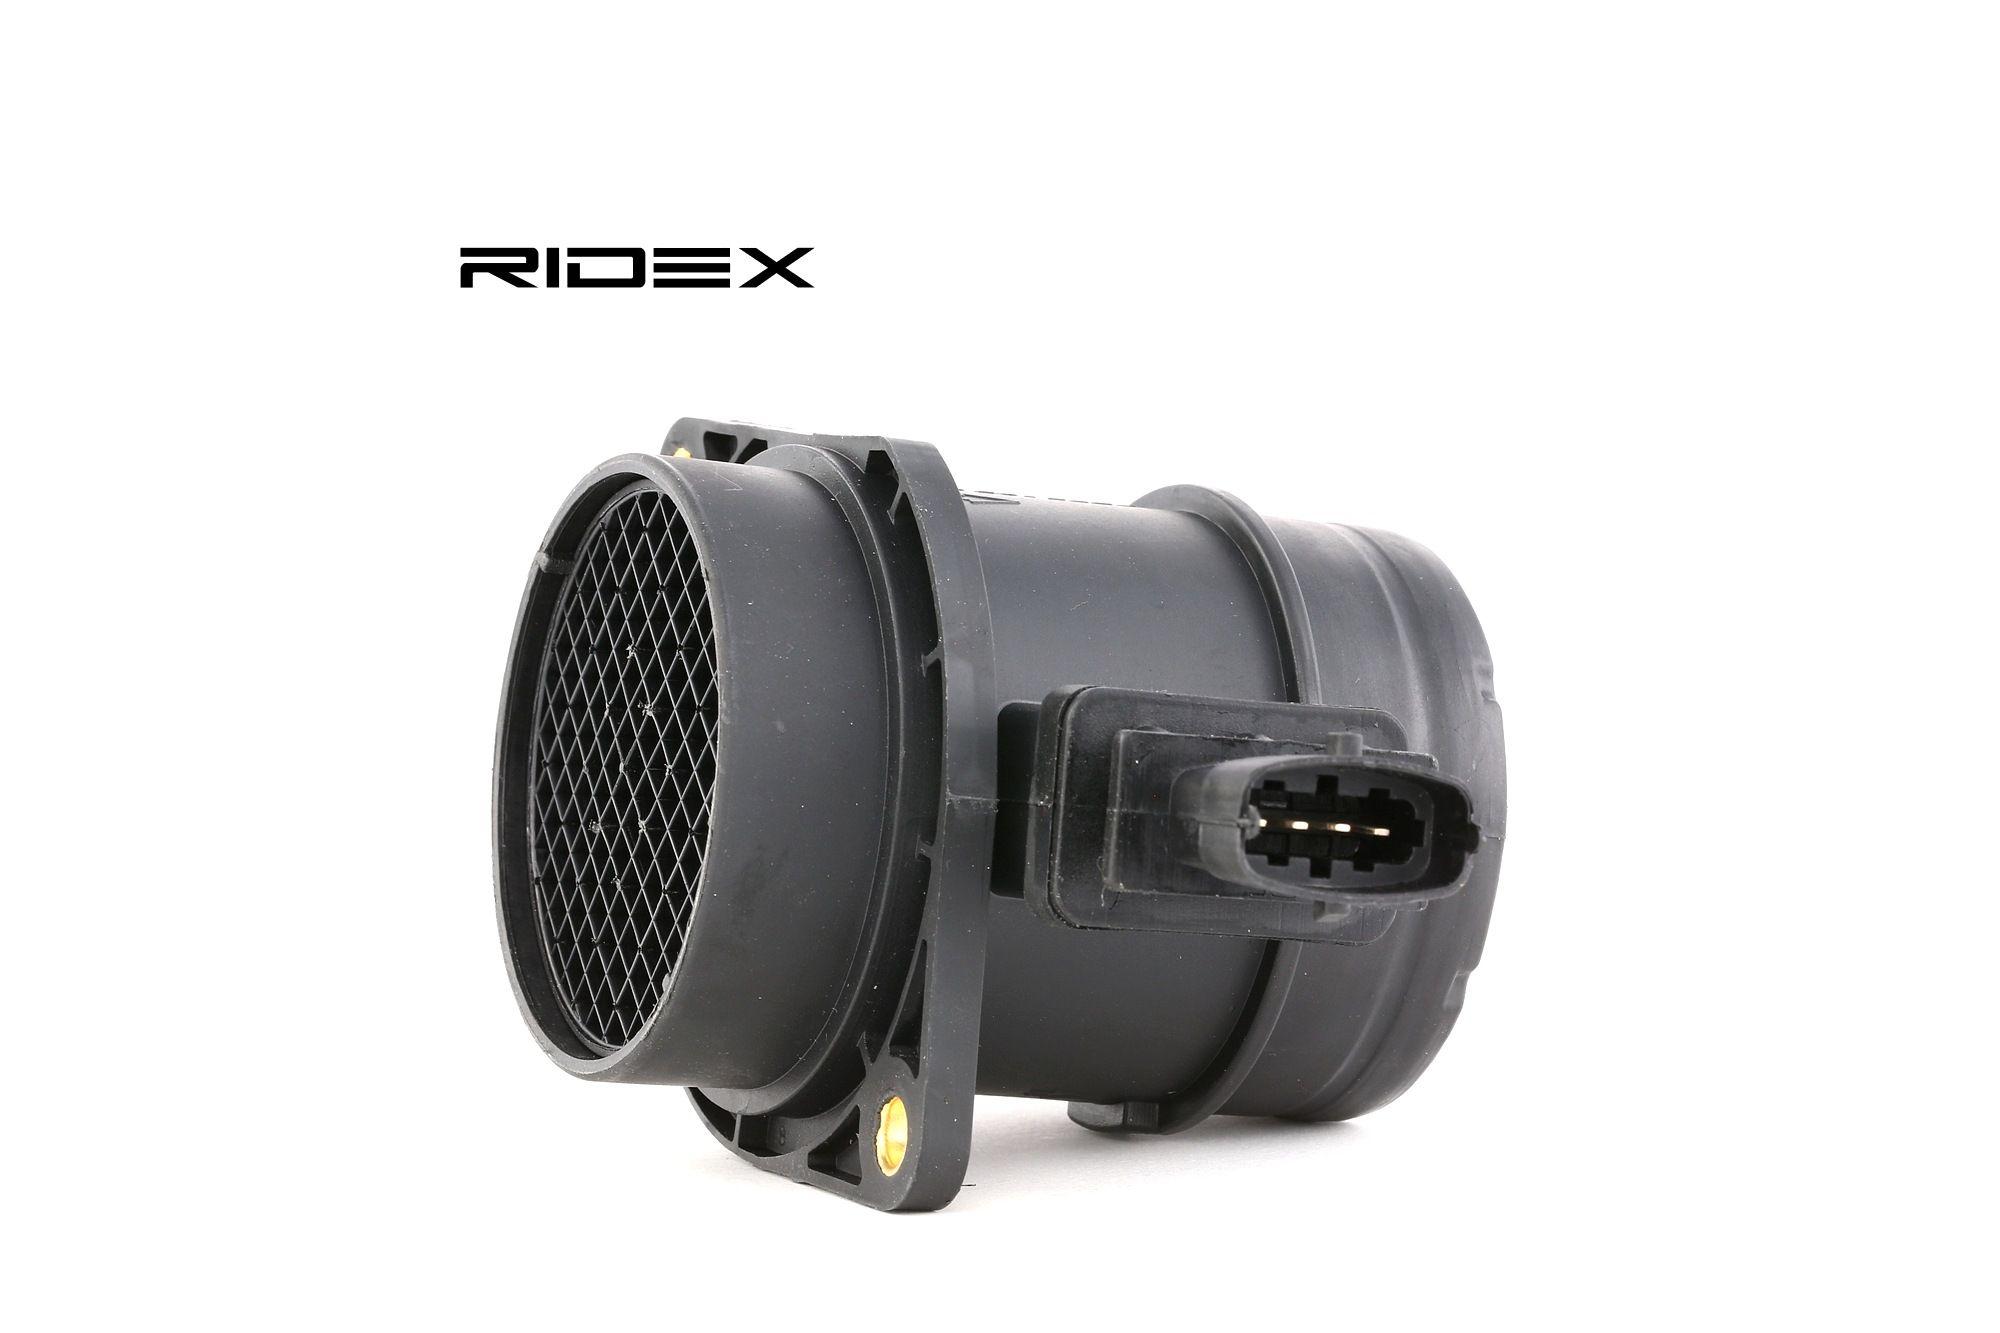 RIDEX: Original Luftmassensensor 3926A0133 (Spannung: 12V, Anschlussanzahl: 4)